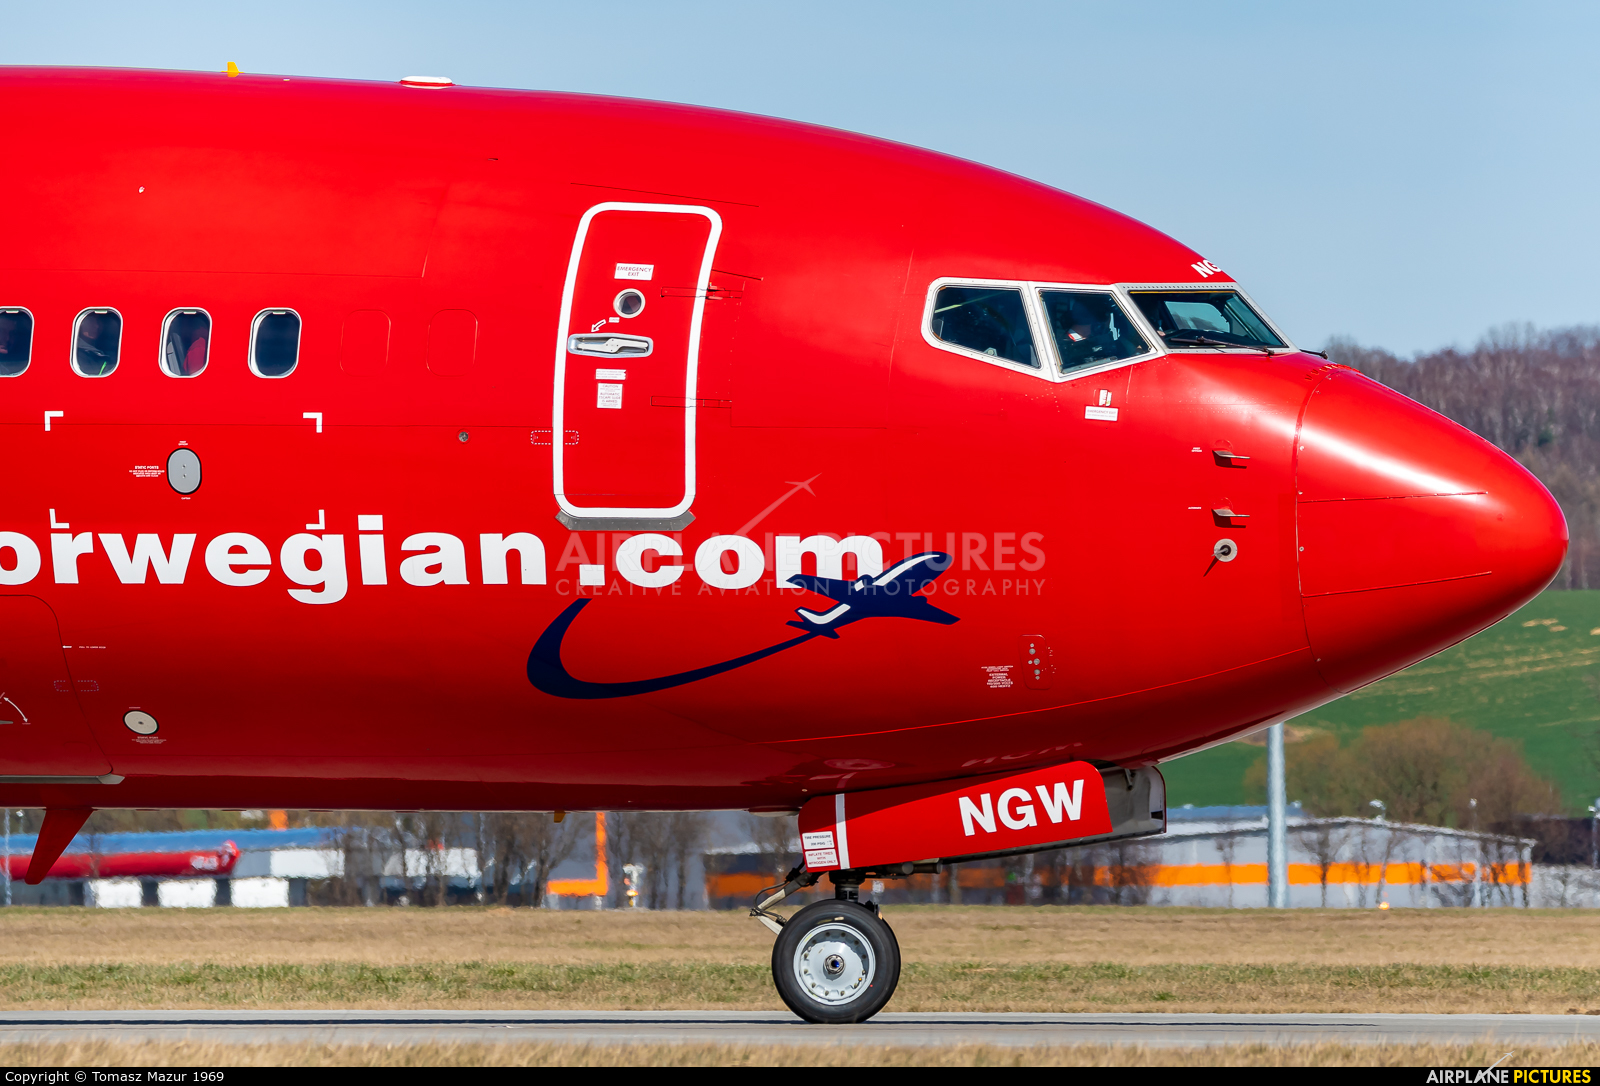 Norwegian Air Shuttle LN-NGW aircraft at Kraków - John Paul II Intl